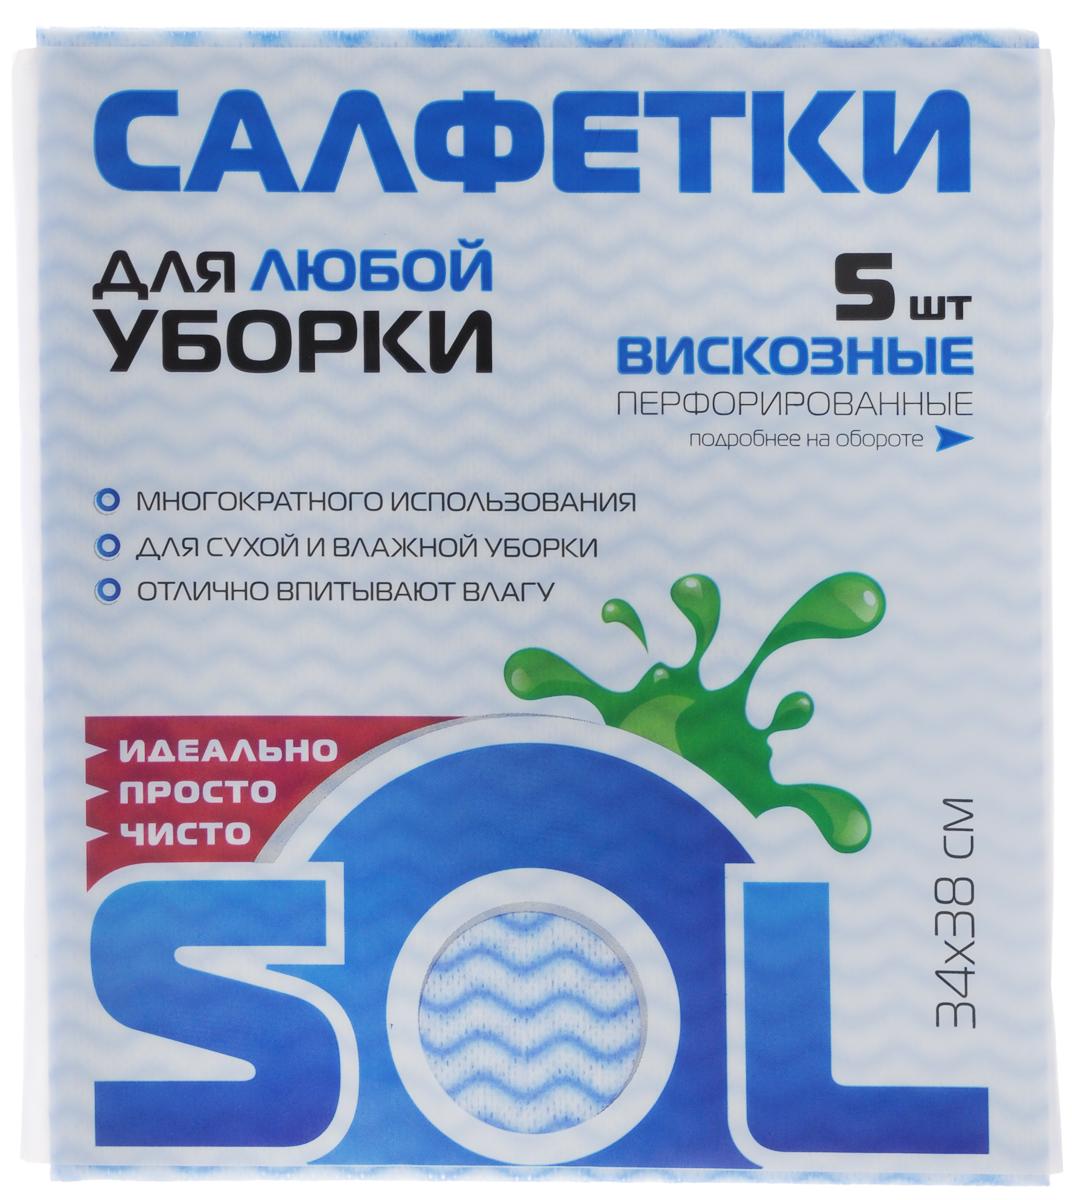 Салфетка для уборки Sol из вискозы, перфорированная, цвет: белый, голубой, 34 x 38 см, 5 штVCA-00Перфорированные салфетки для уборки Sol, выполненные из вискозы, предназначены для уборки и могут применяться с различными моющими средствами. Эффективно впитывают жидкость. Мягкие и прочные, легко отжимаются и быстро сохнут.Рекомендации по уходу: Для обеспечения гигиеничности уборки после применения прополоскать в теплой воде.Для продления срока службы не применять машинную стирку, не гладить и не кипятить.